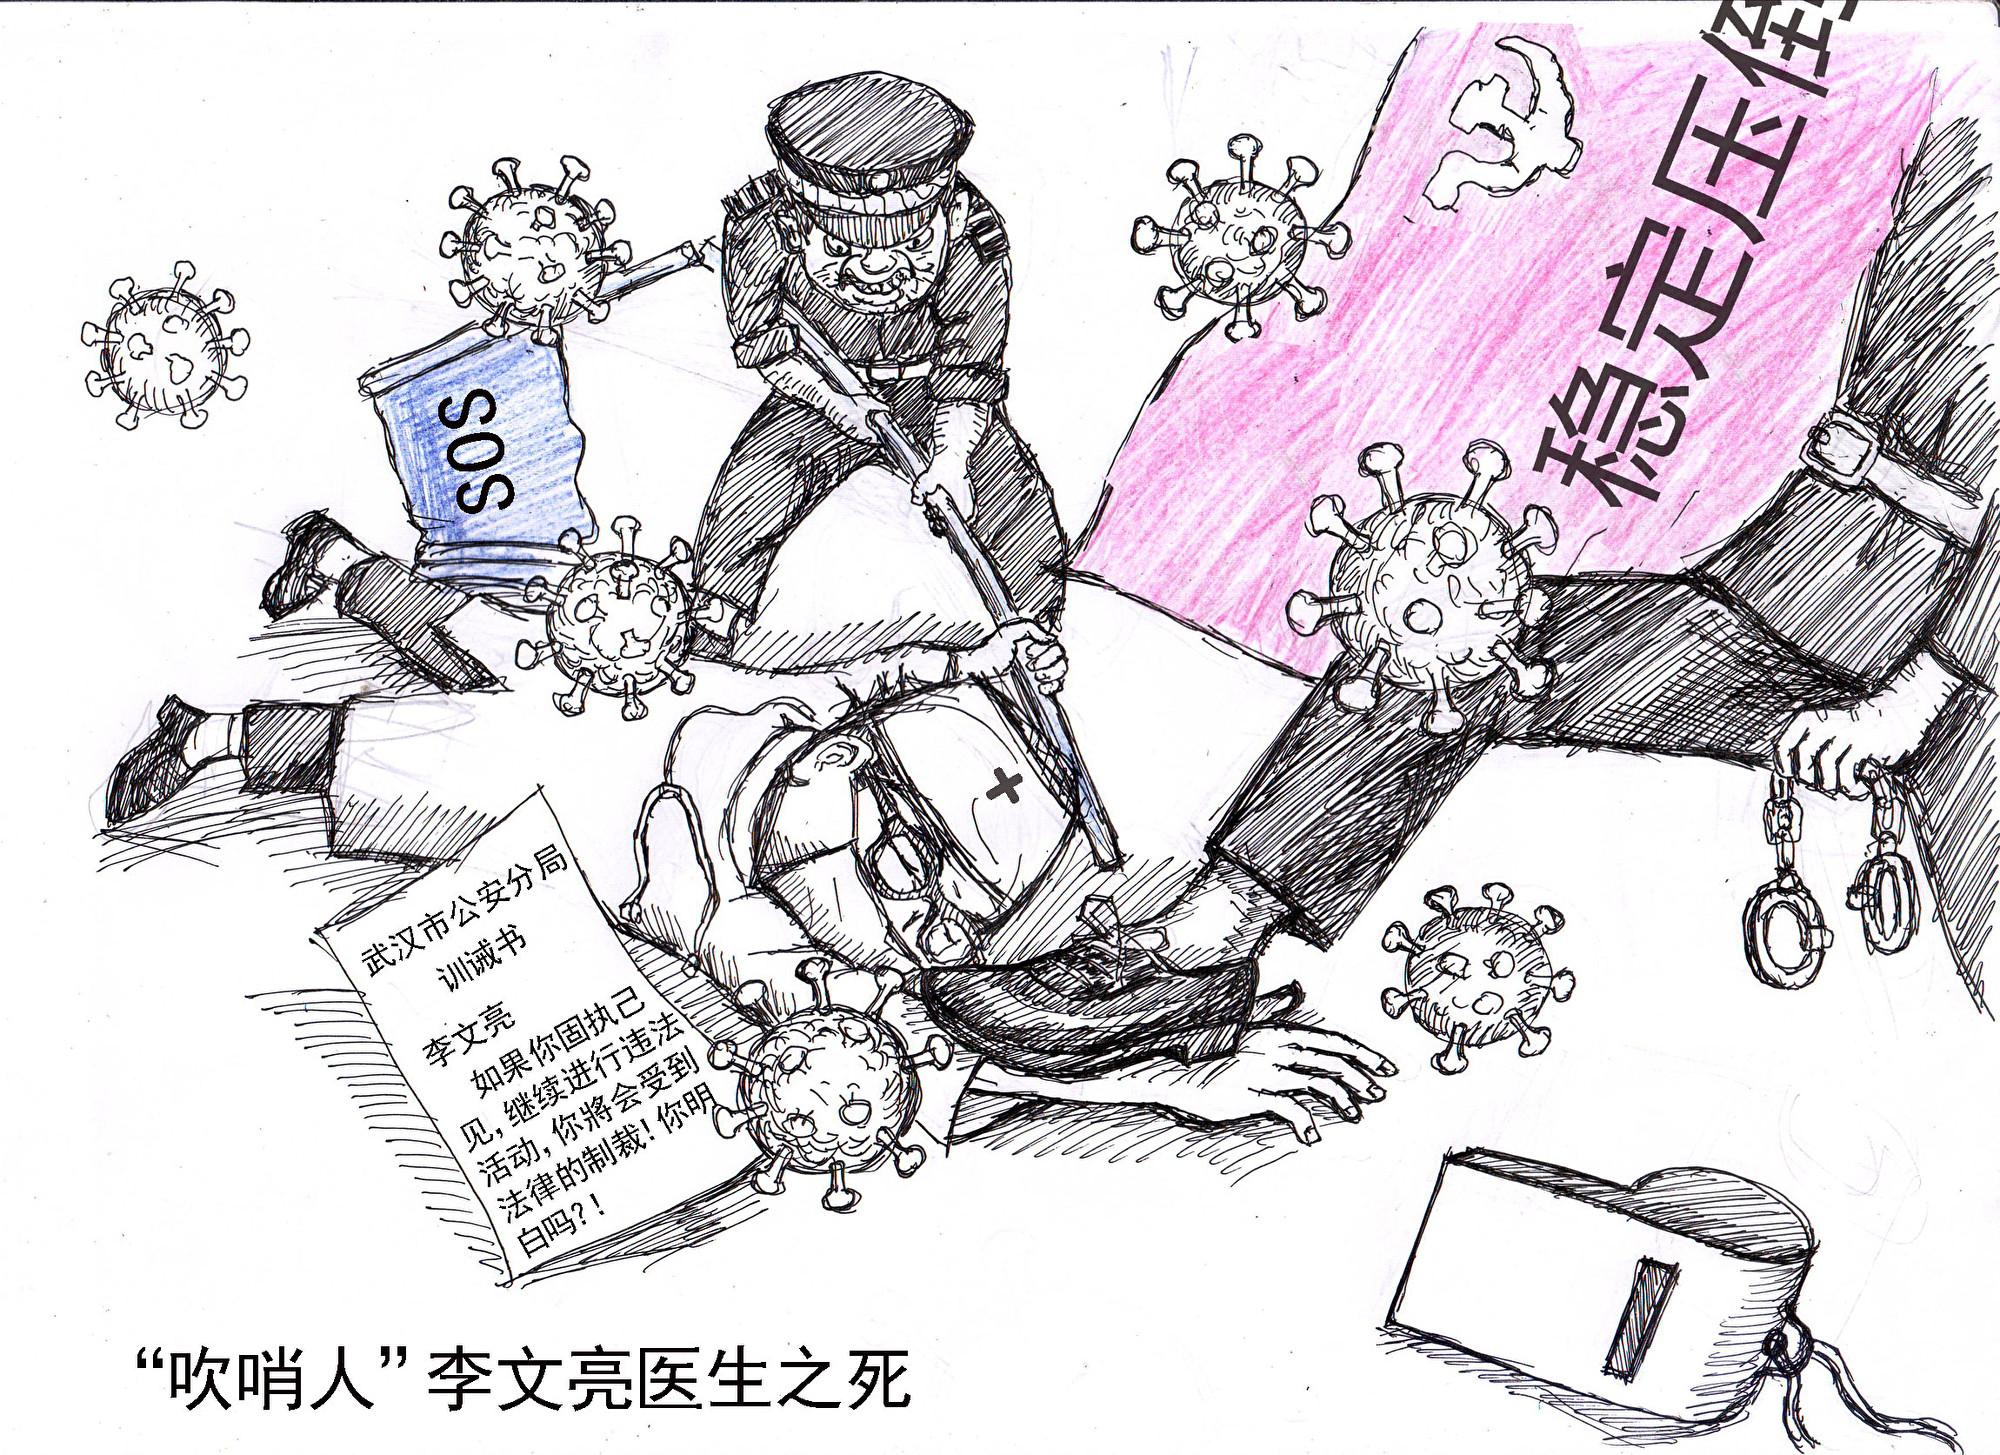 程曉容:李文亮調查報告捂了多大的蓋子?